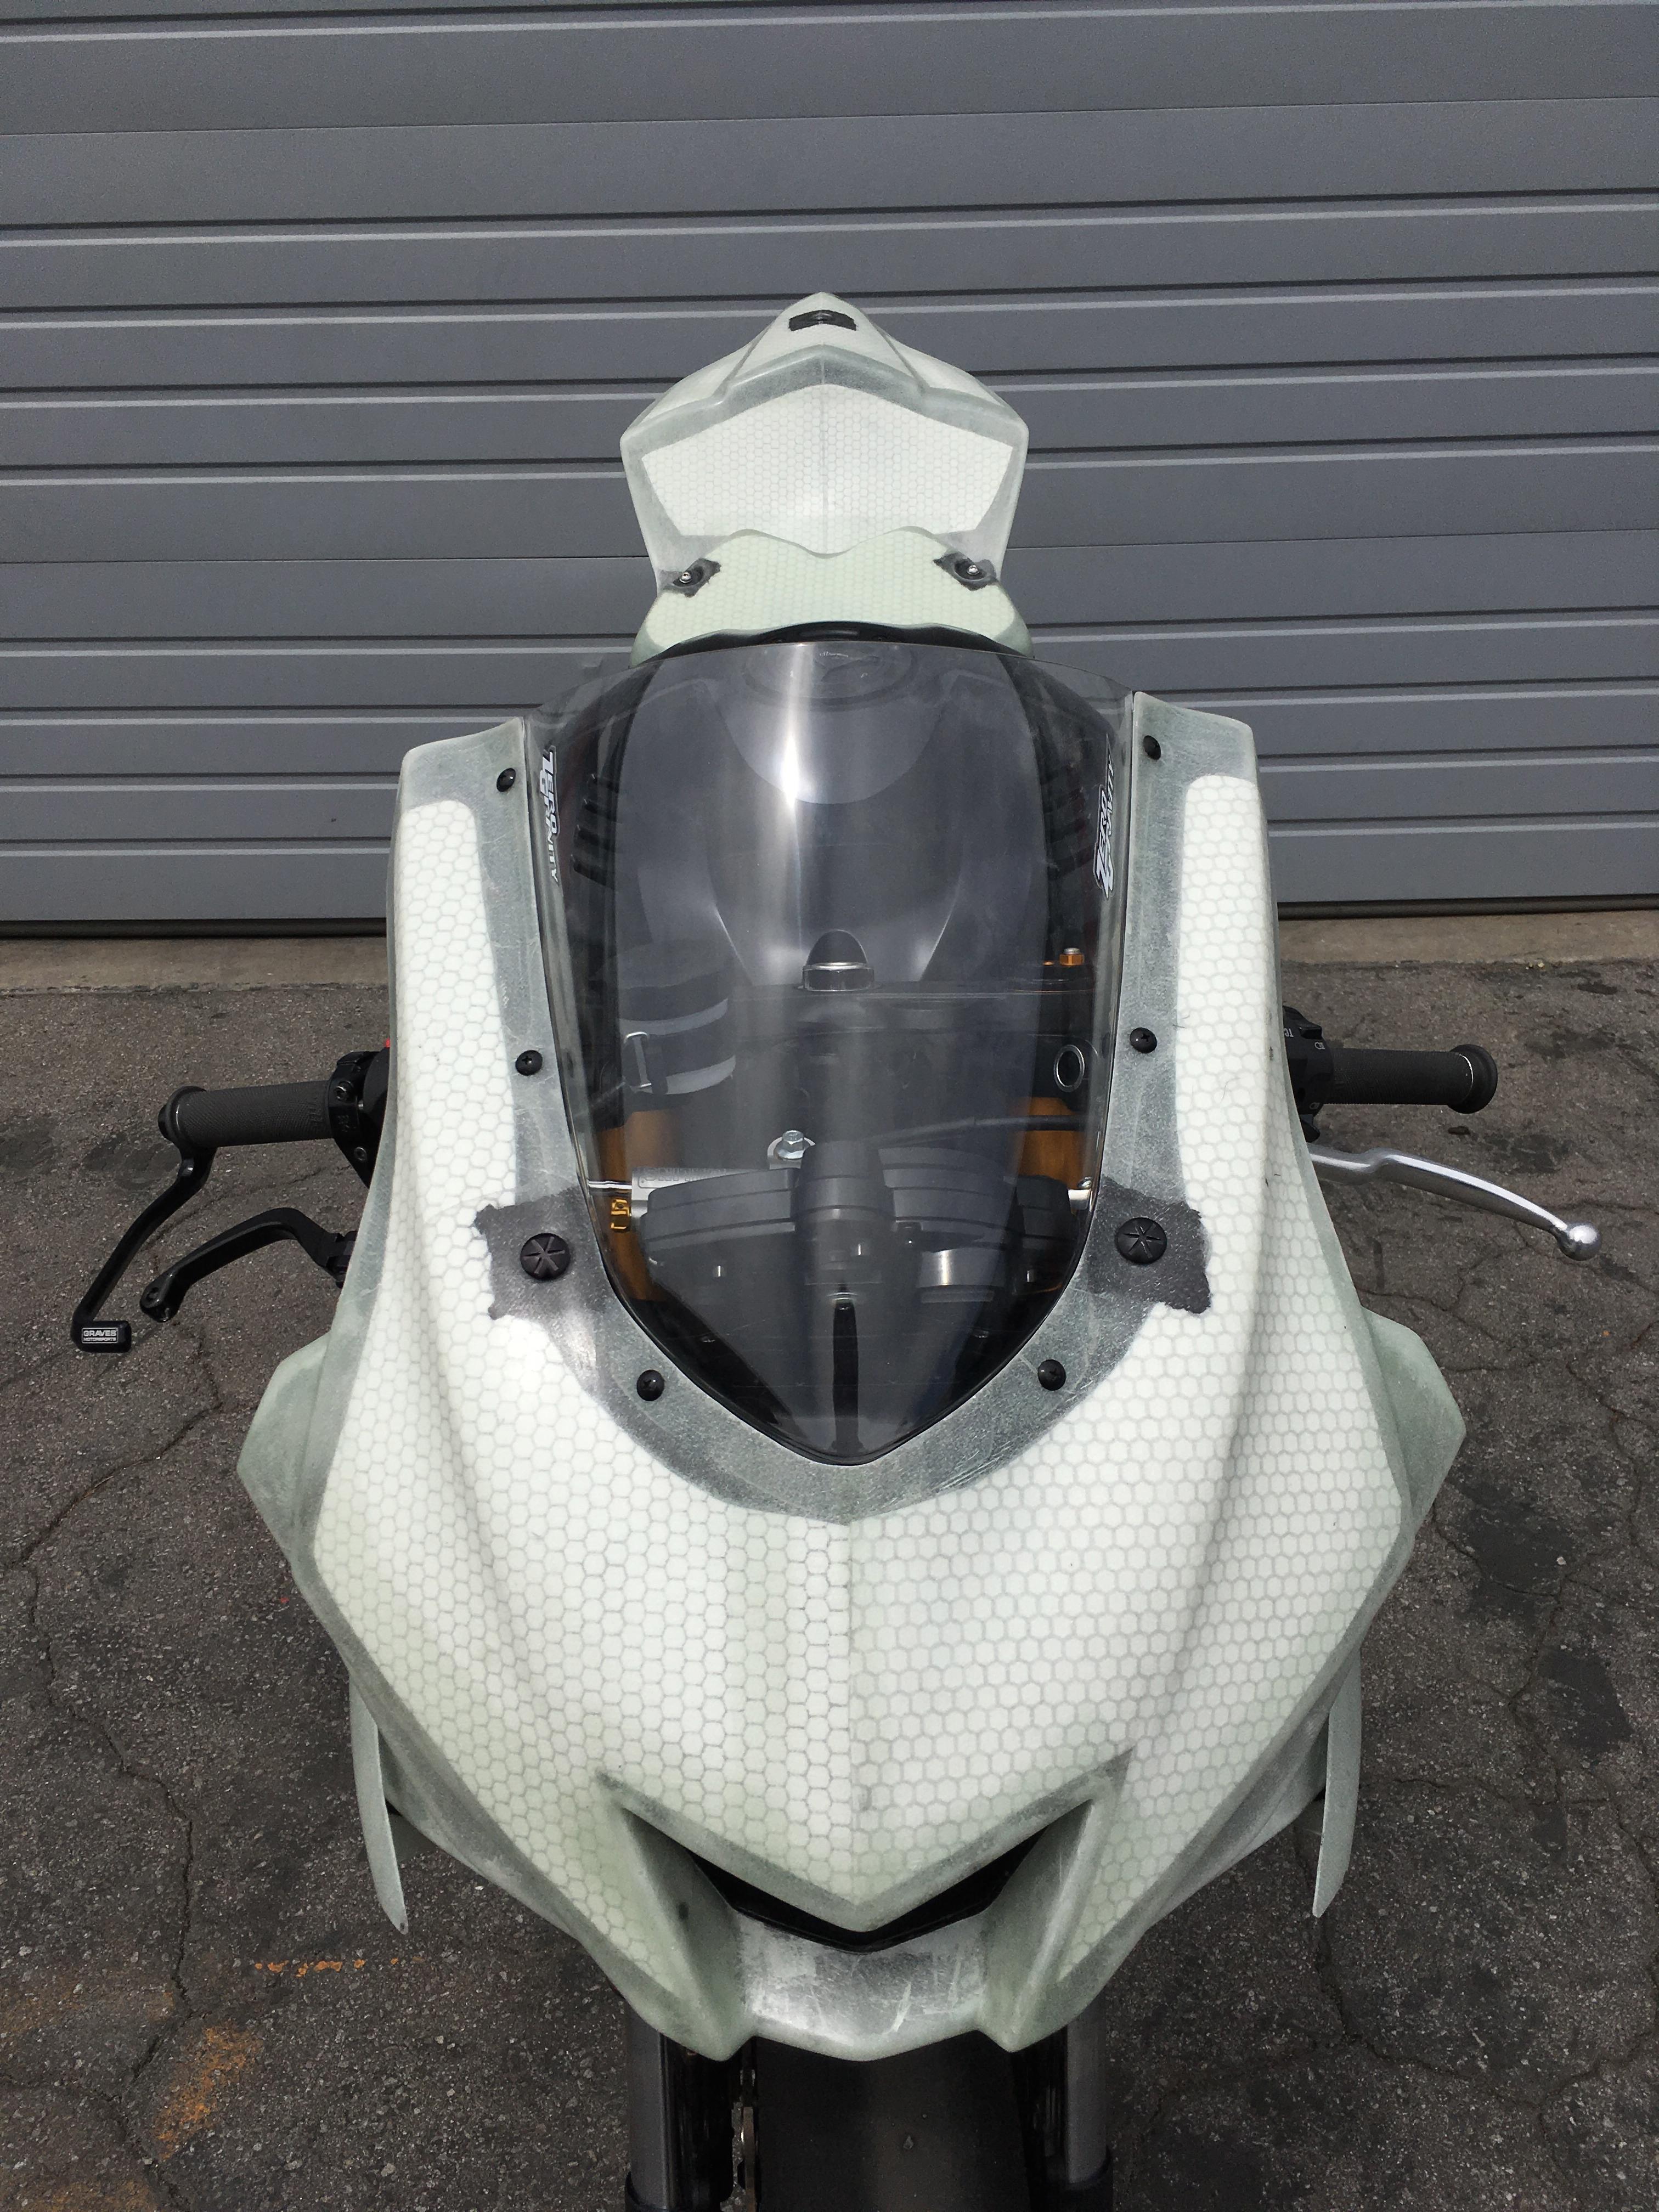 2017 Yamaha R6 Race Bodywork